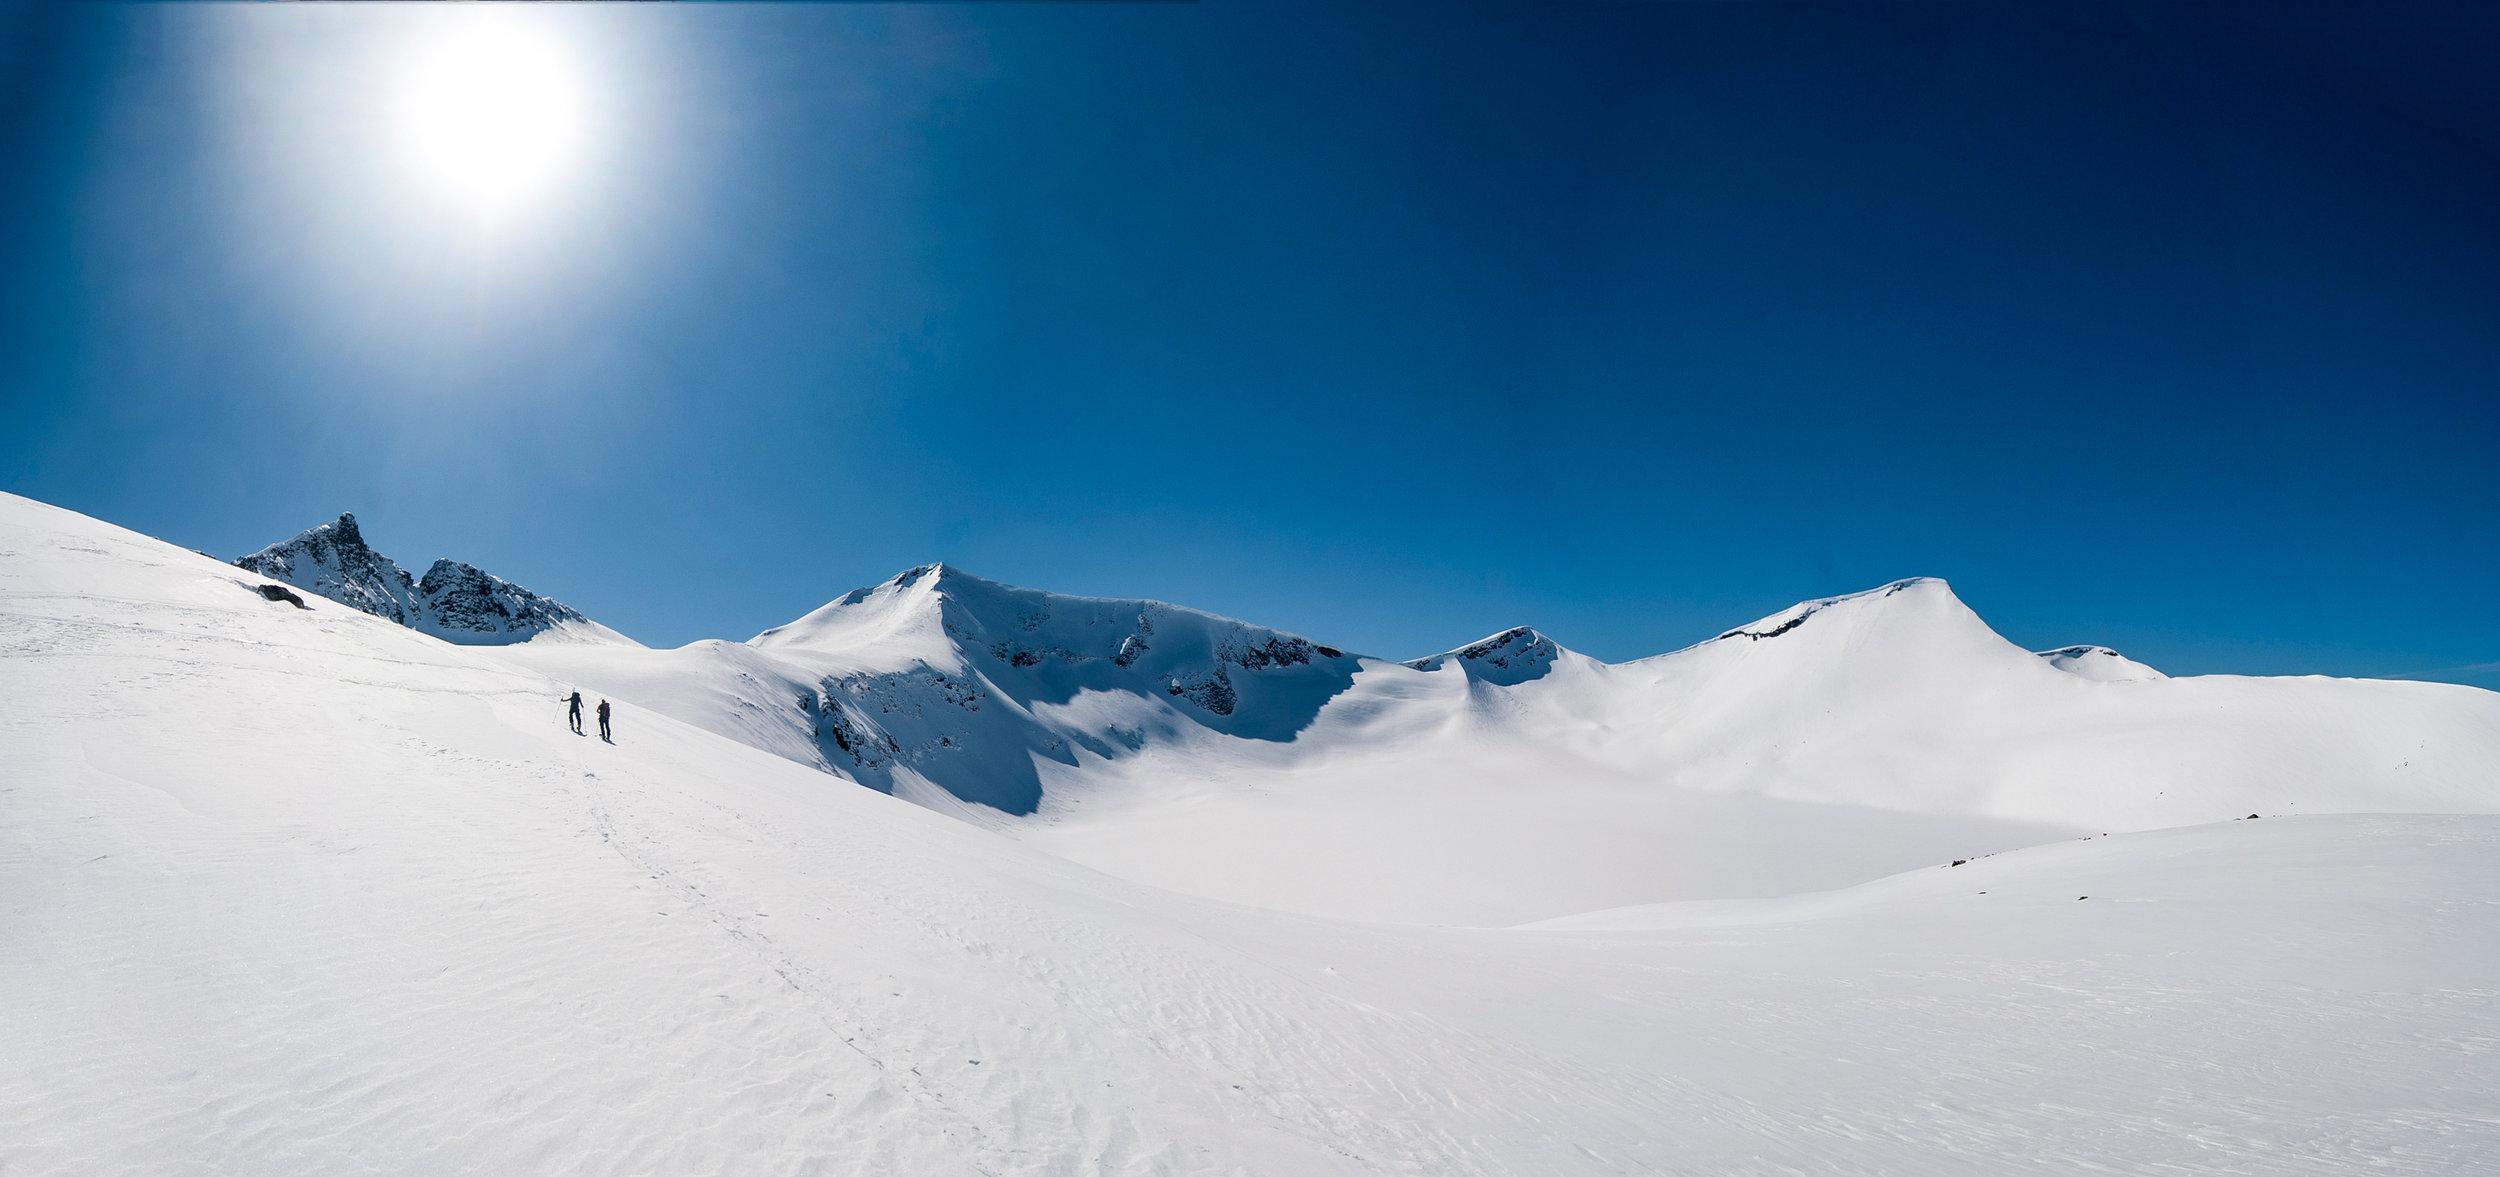 A standard panorama taken on a ski trip back in 2012. Nikon D200